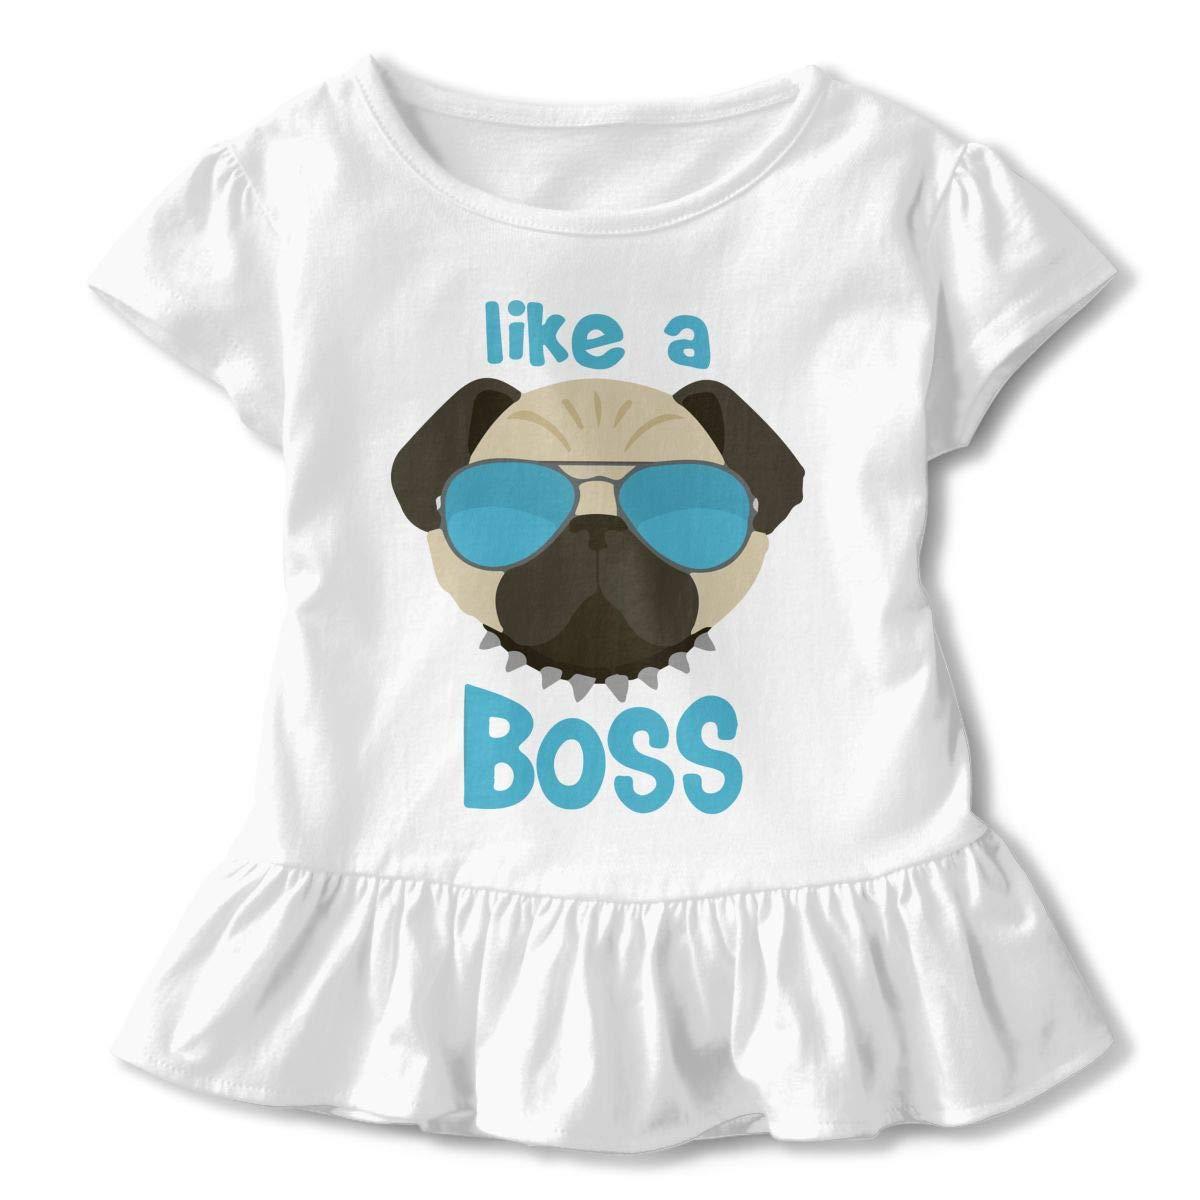 Like A Boss Pug Gifts Toddler Girls T Shirt Kids Cotton Short Sleeve Ruffle Tee